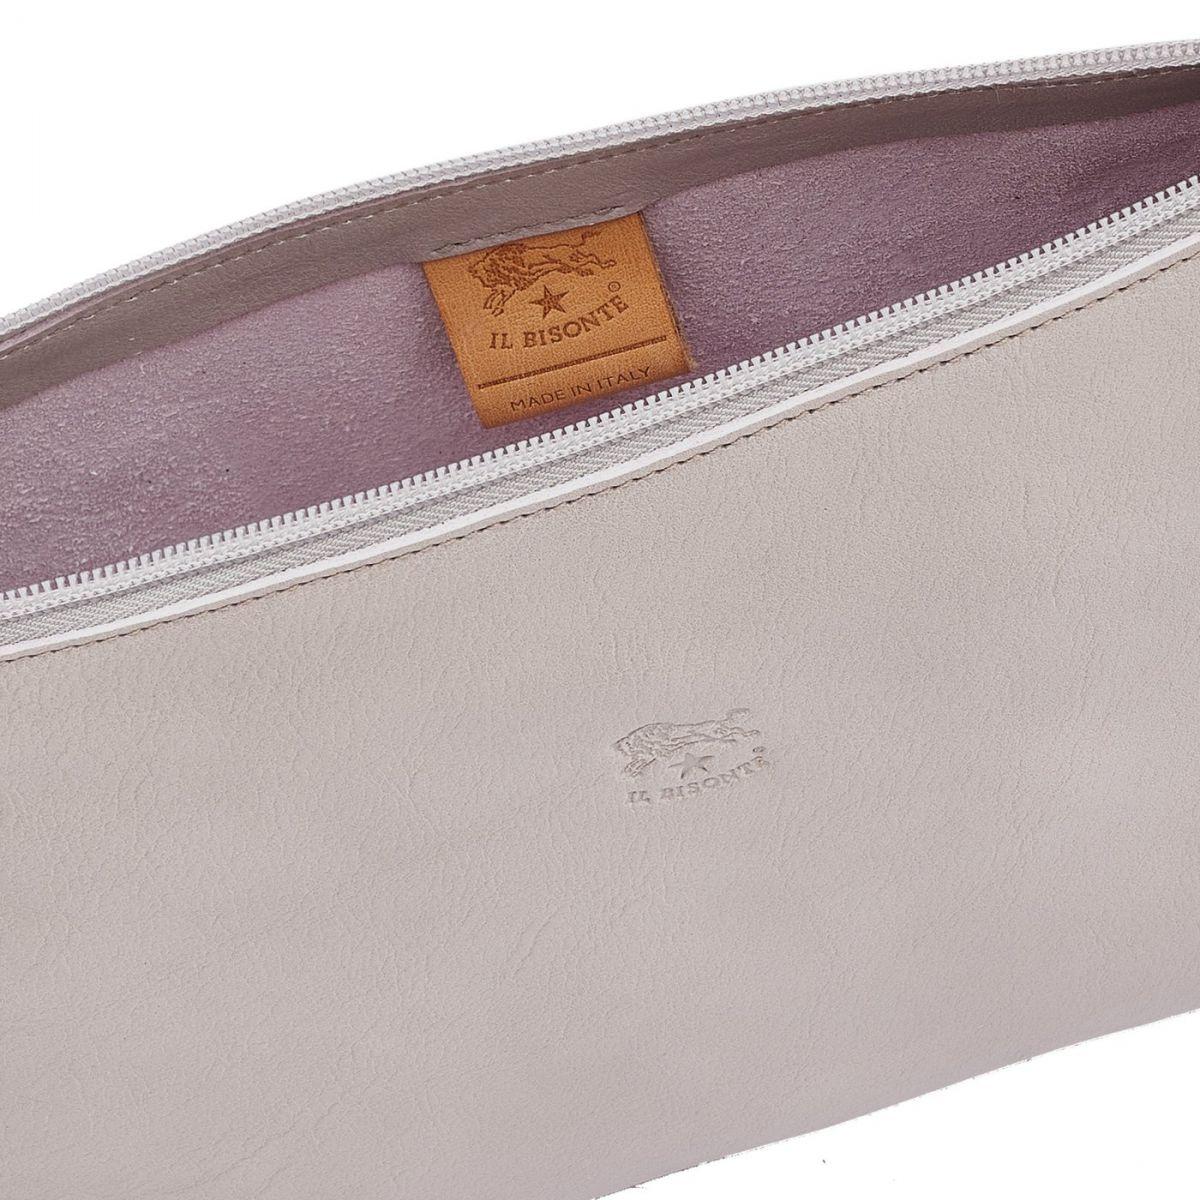 Women's Shoulder Bag in Cowhide Leather color Mauve - Salina line BSH092 | Details